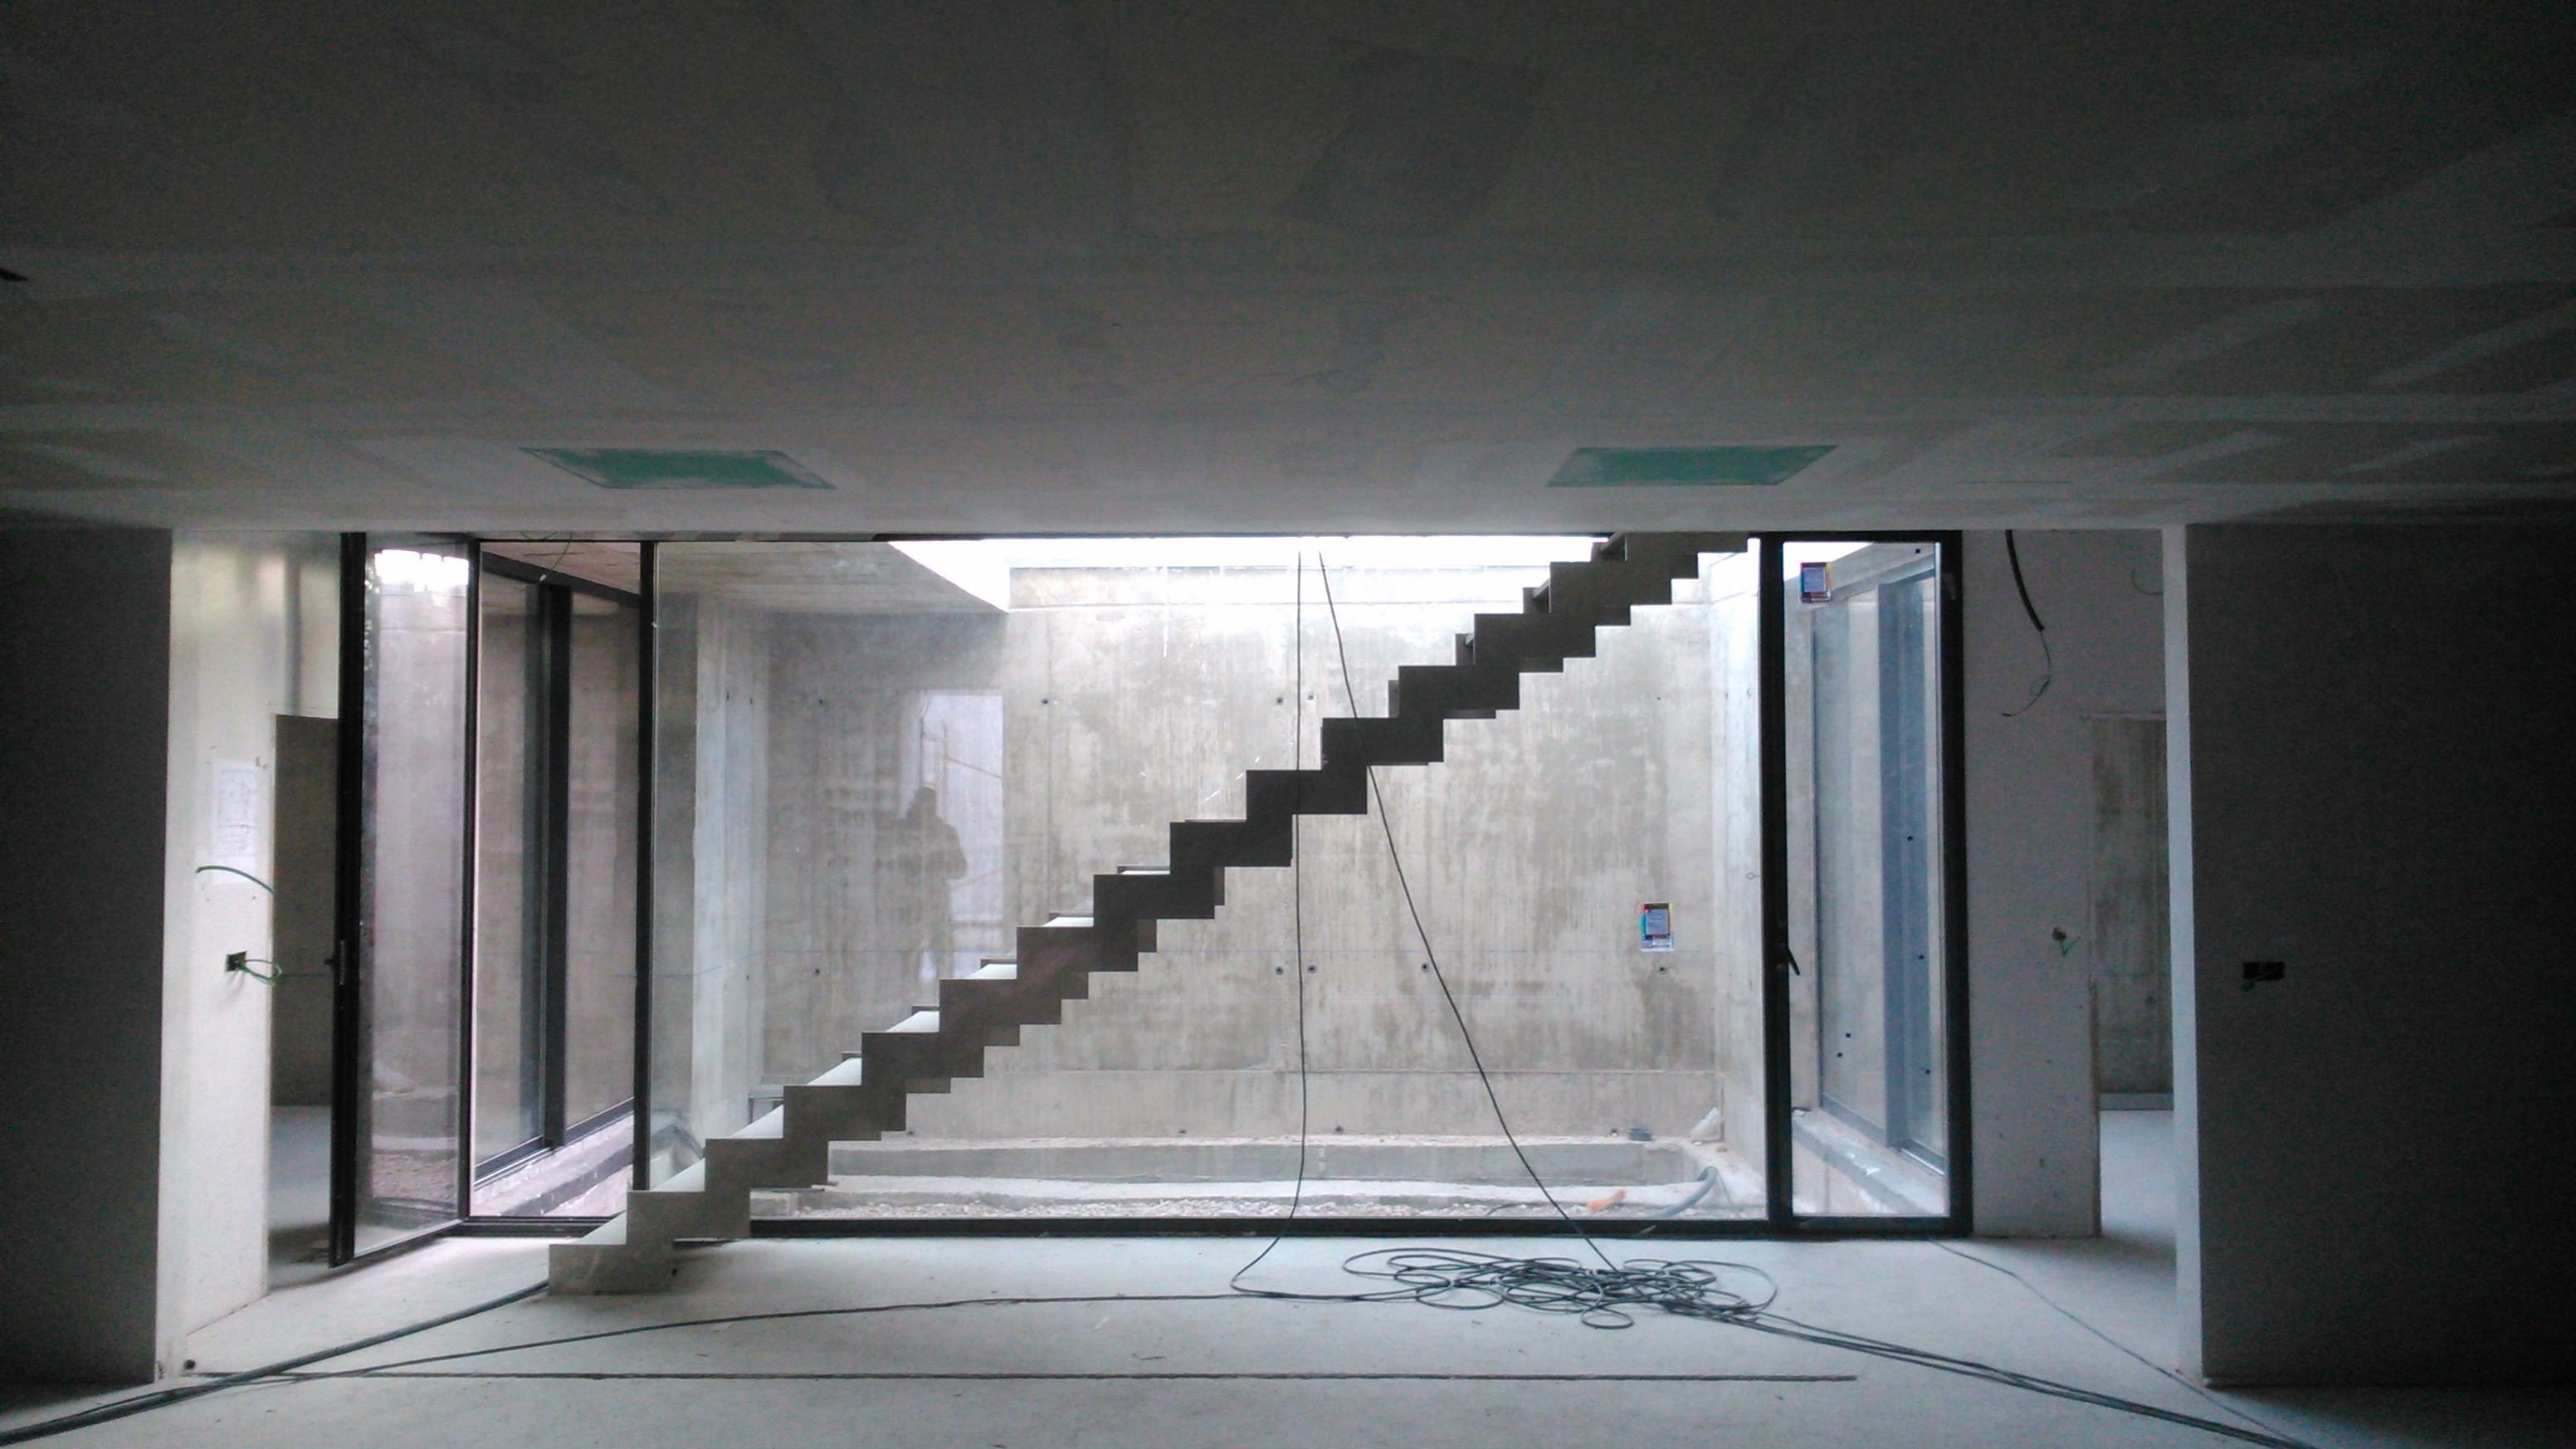 Vivienda aislada lq1 nu o arquitectos arquitectura - Patio ingles ...